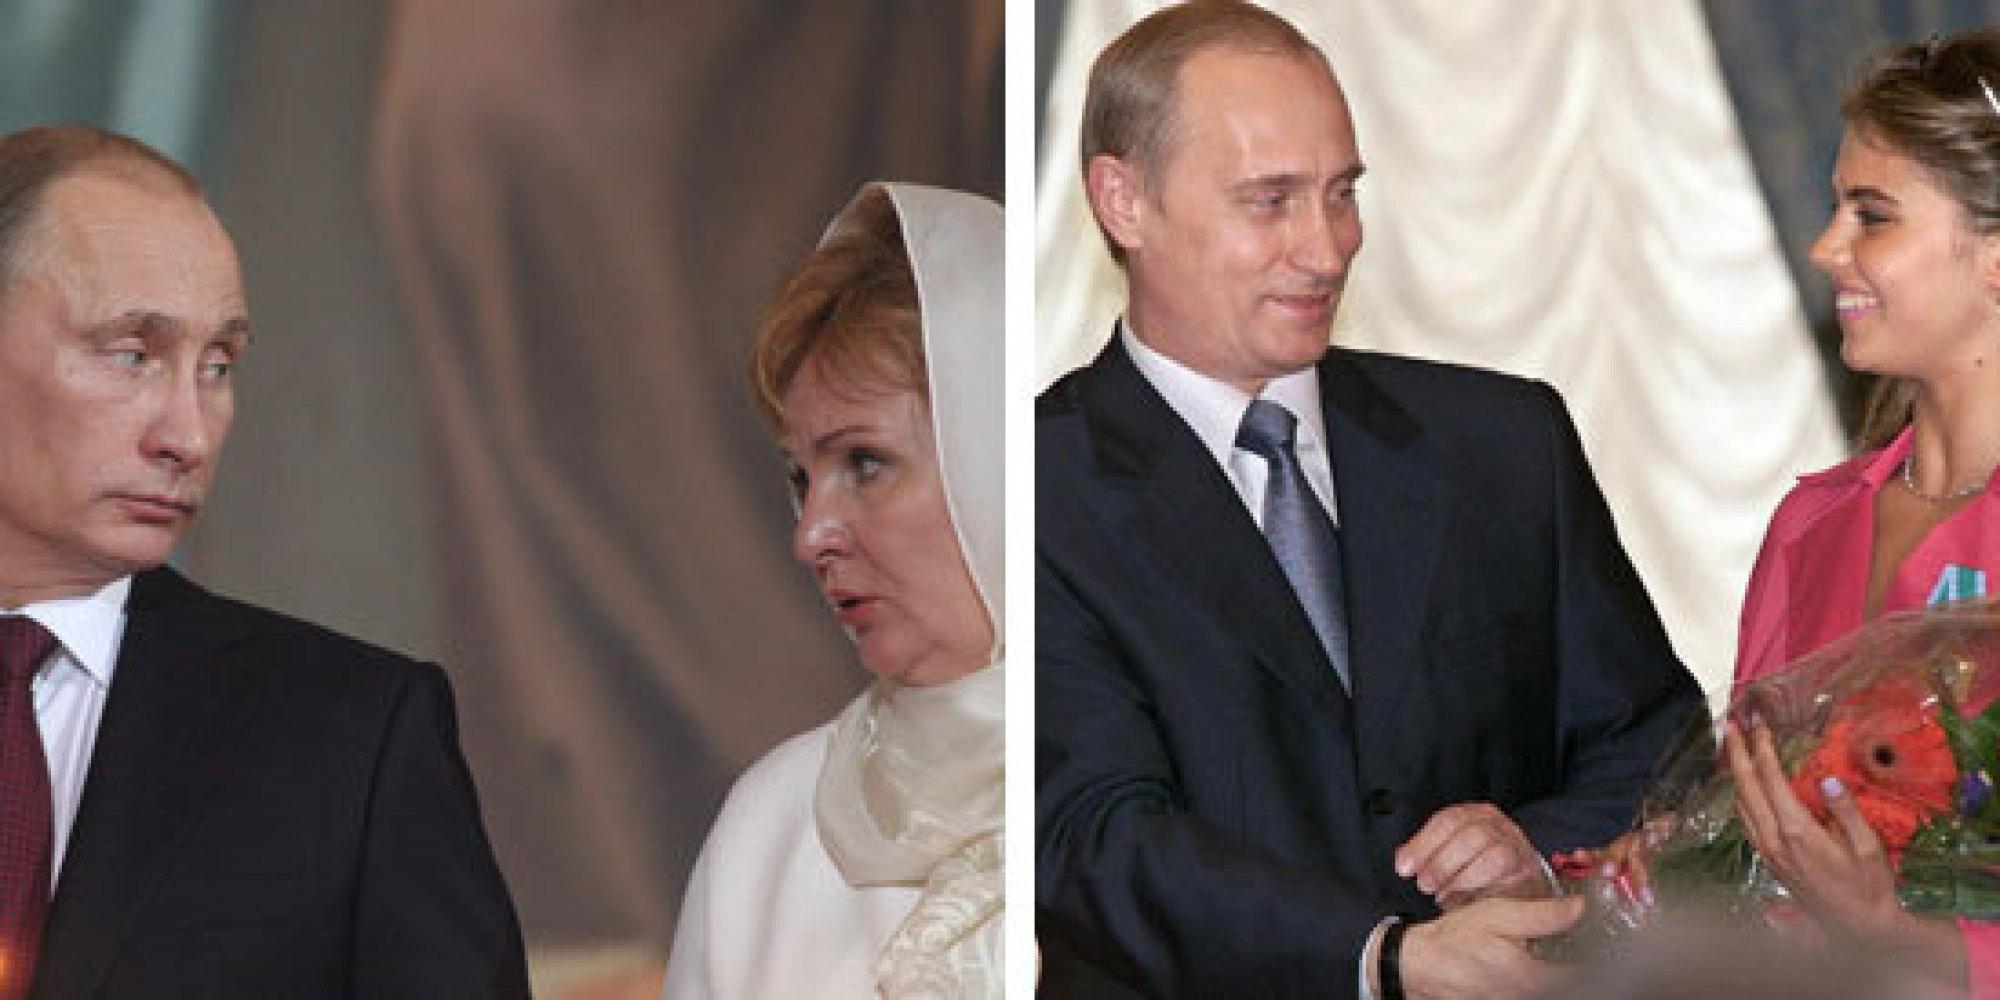 Buscando una rusa: La personalidad de los rusos - Parte I